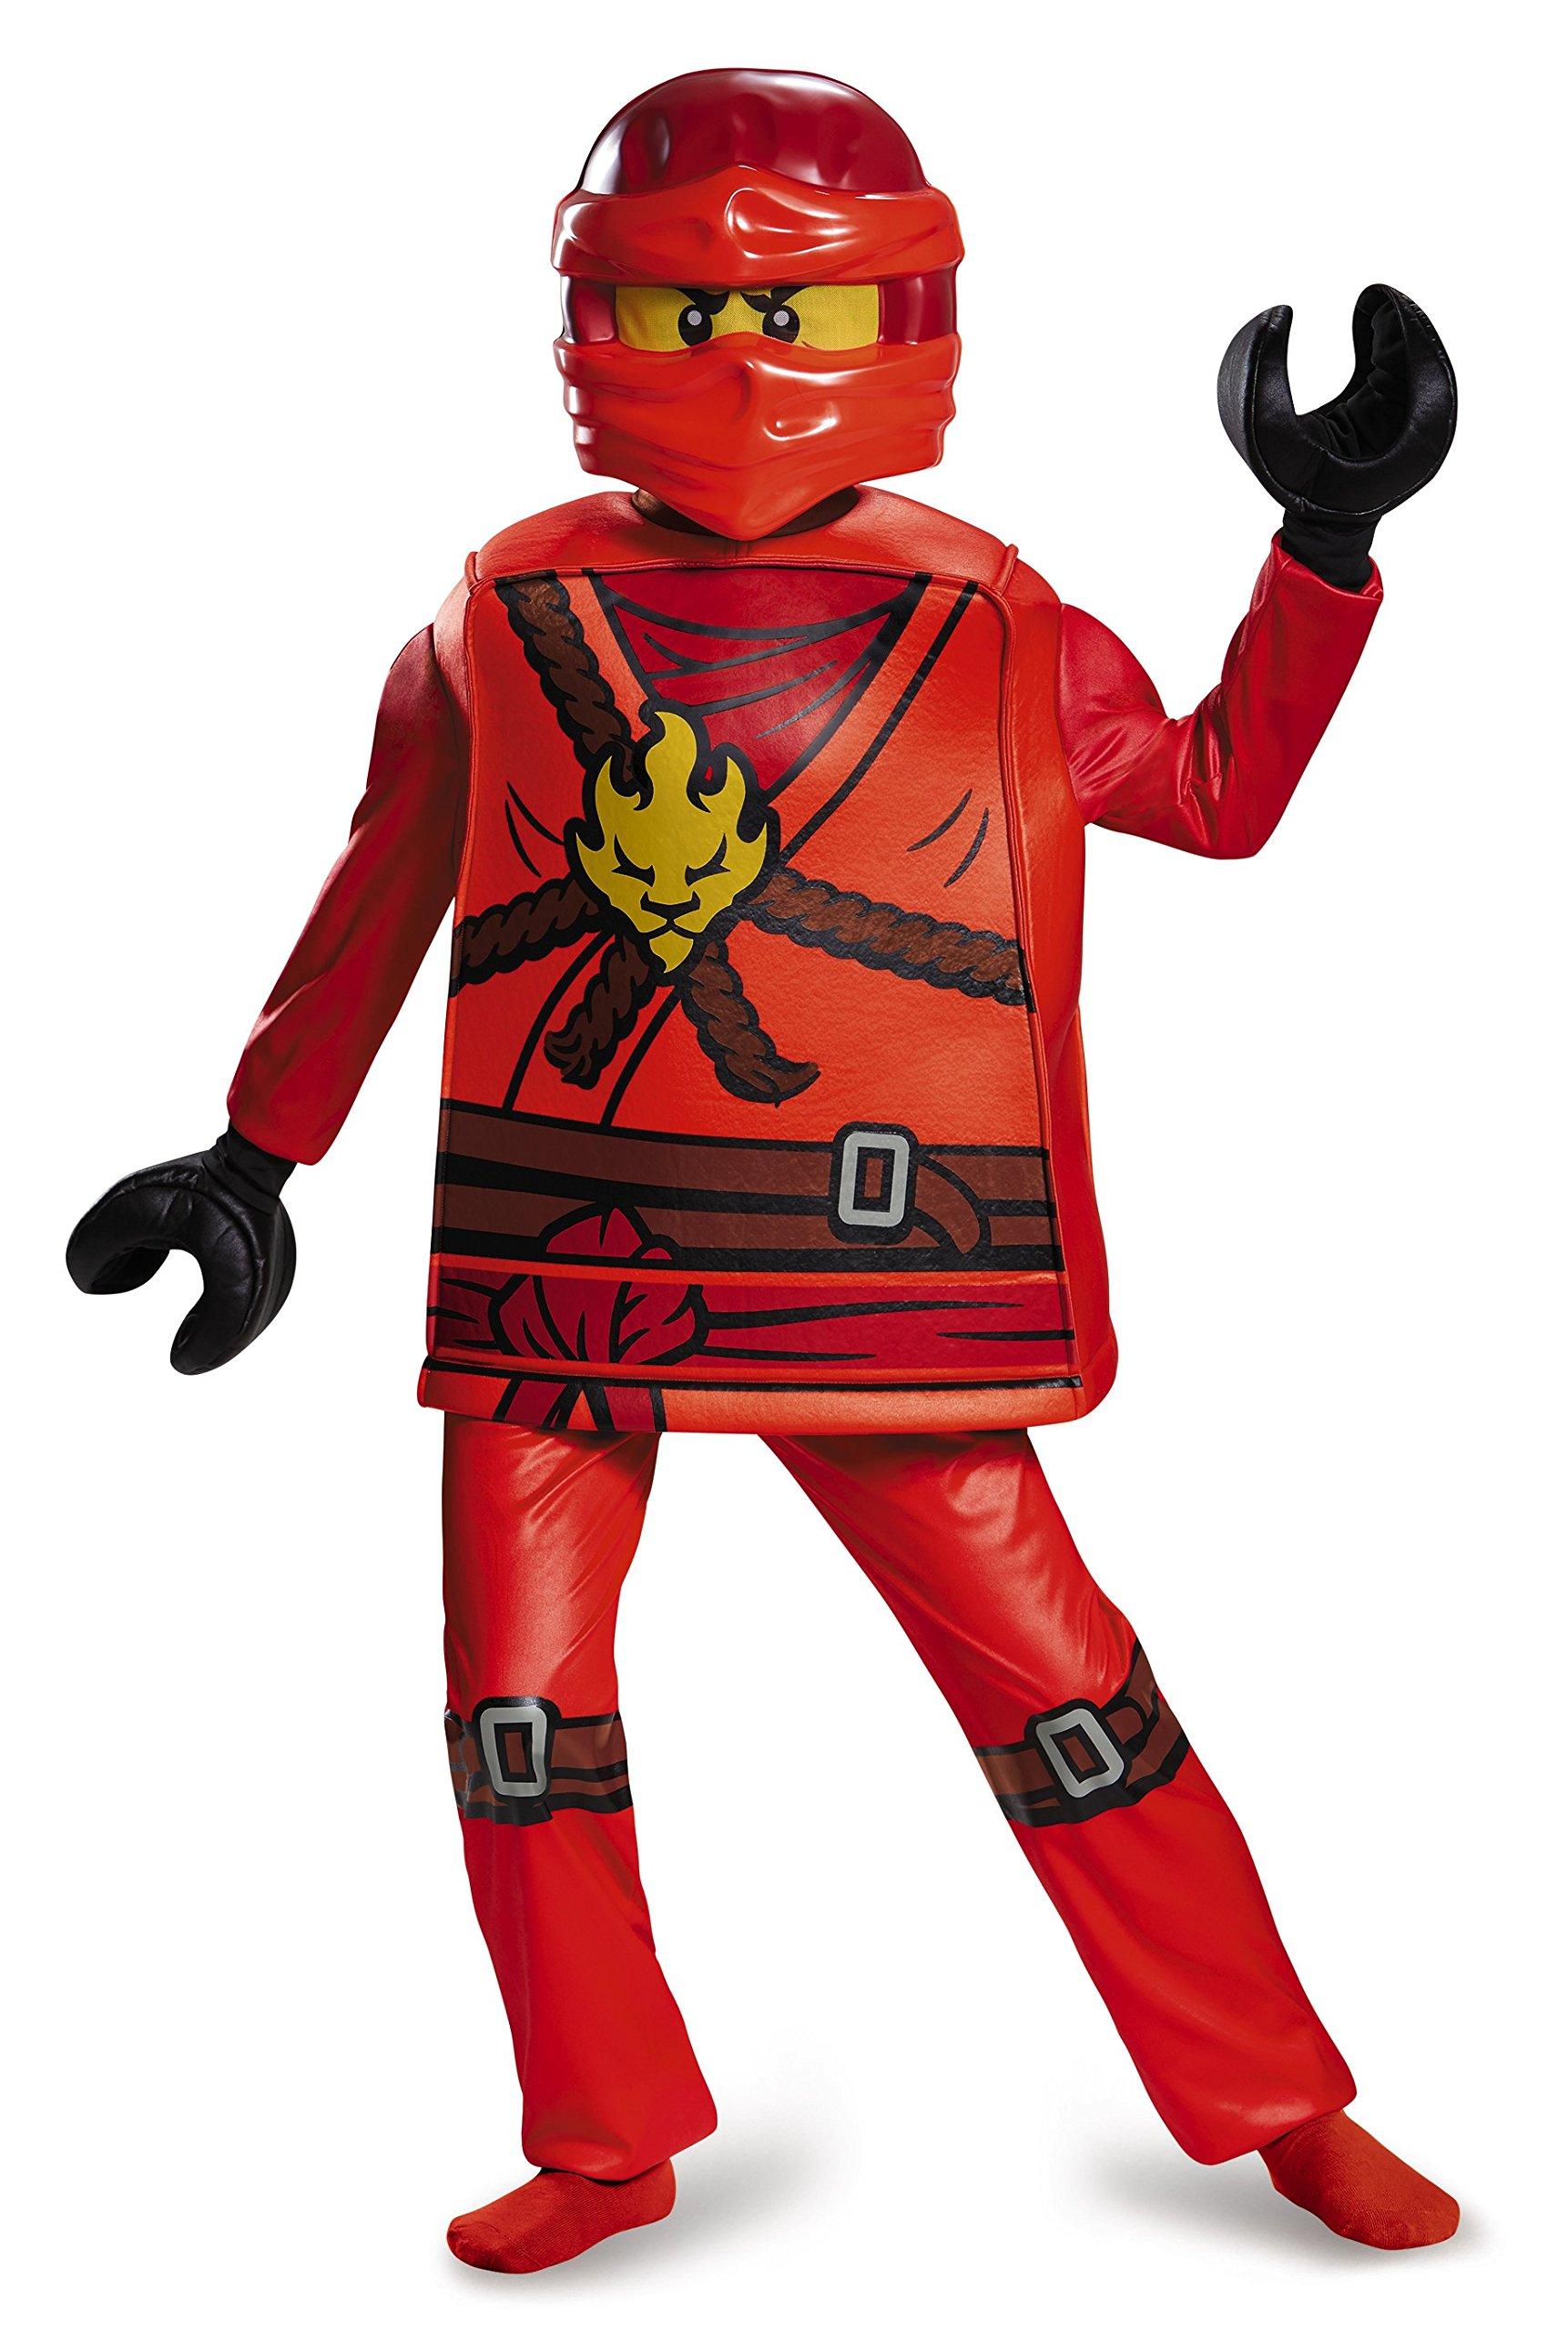 Lego Costume da Ninjago Kai, per Bambini, Taglia S, Gamma Deluxe, età 4–6Anni, Altezza ca. 120 cm -125 cm 3 spesavip